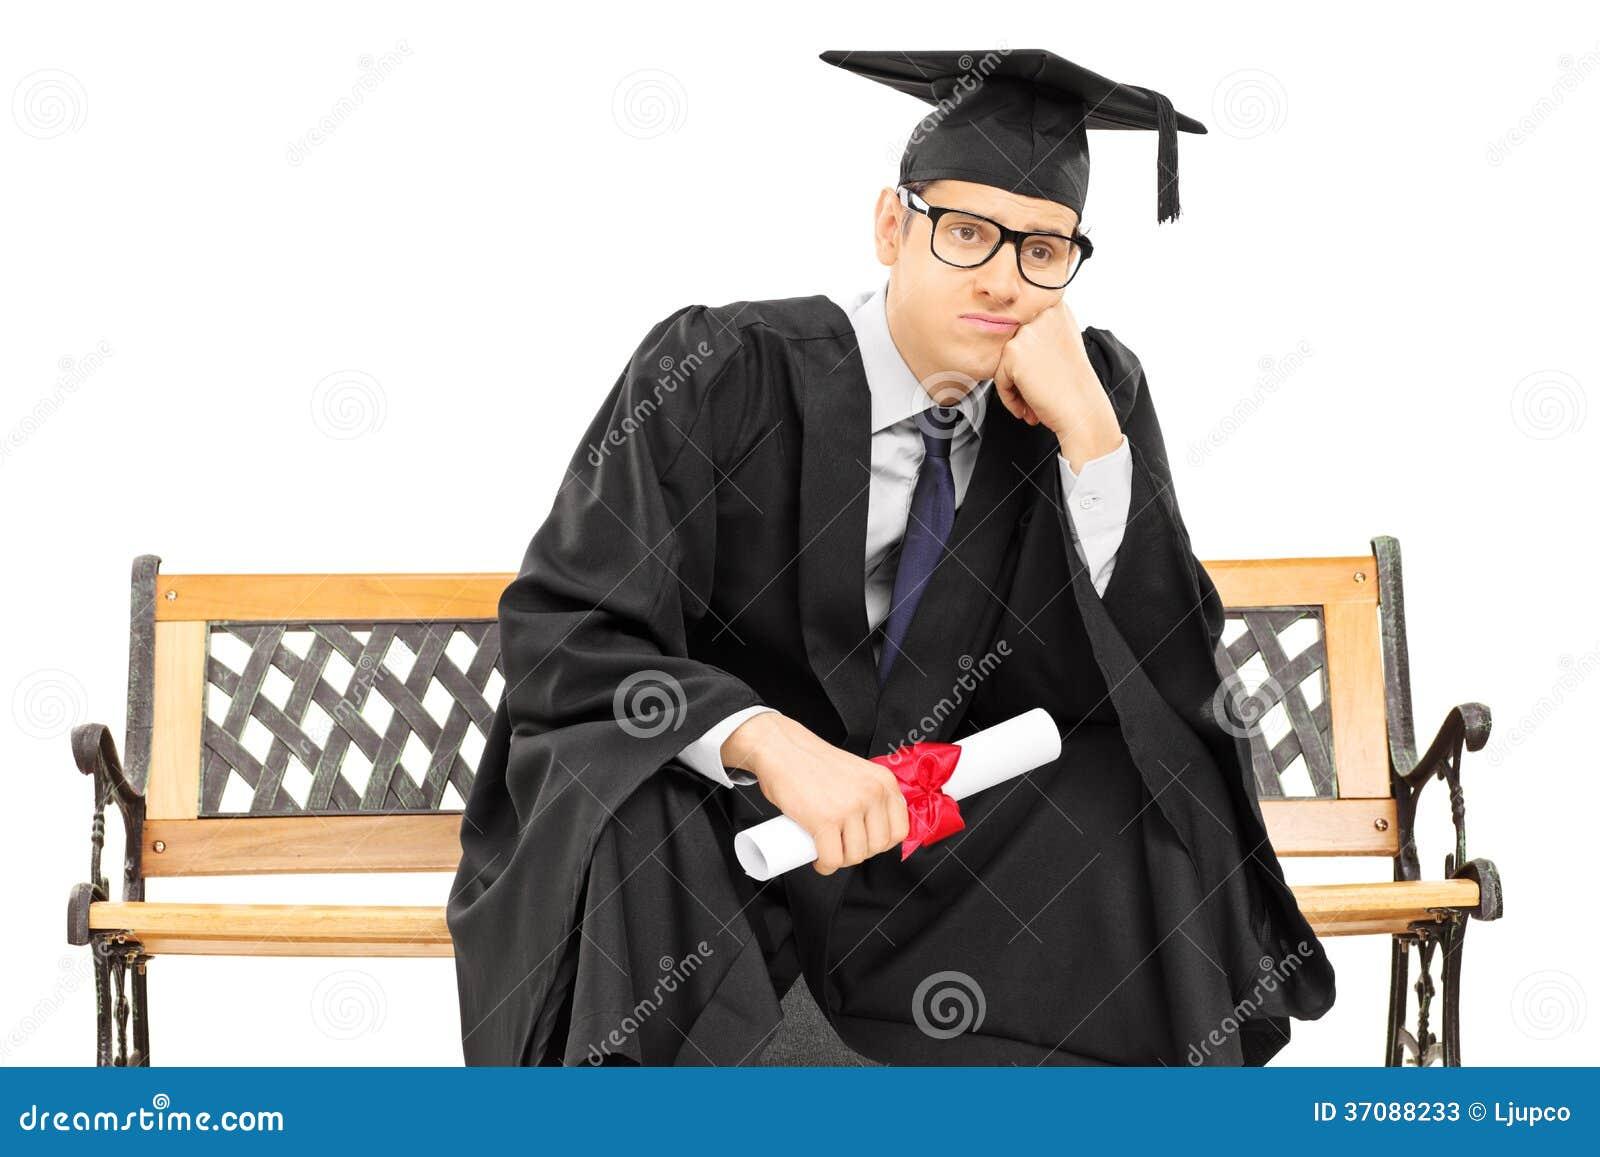 Потревоженный выпускник колледжа сидя на стенде и держа диплом  Потревоженный выпускник колледжа сидя на стенде и держа диплом